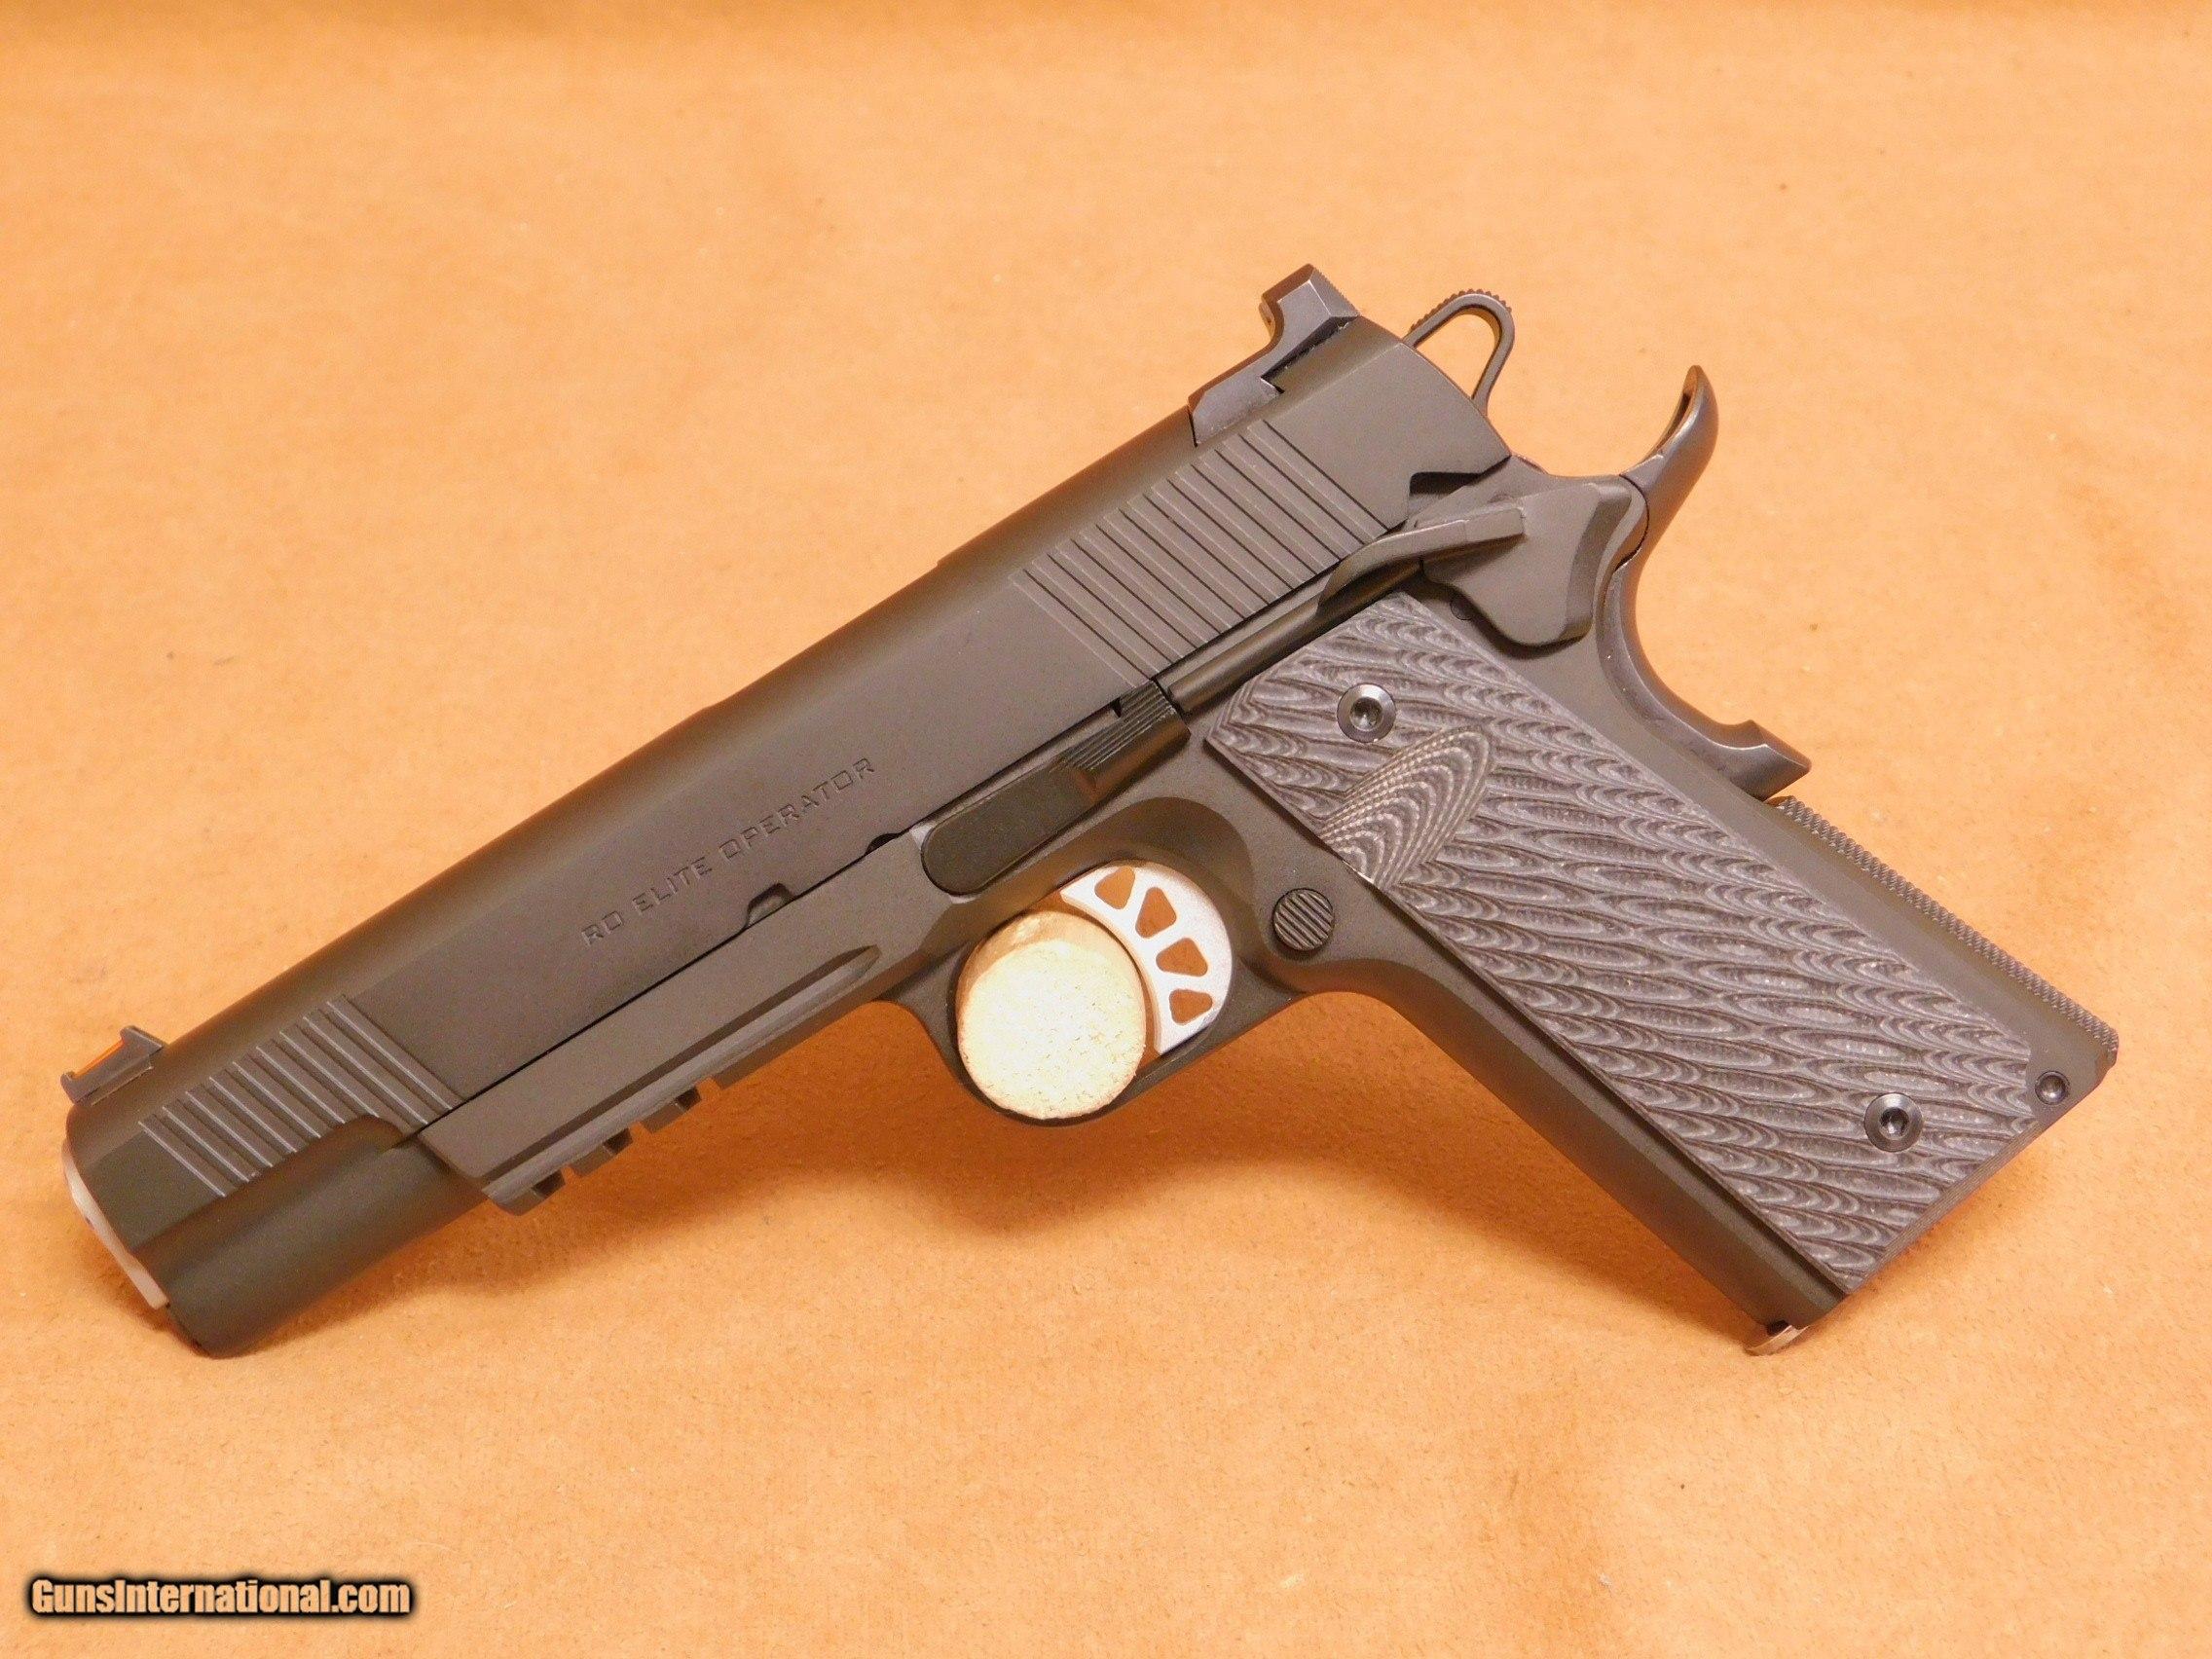 Springfield 1911 Range Officer Elite Operator 10mm for sale